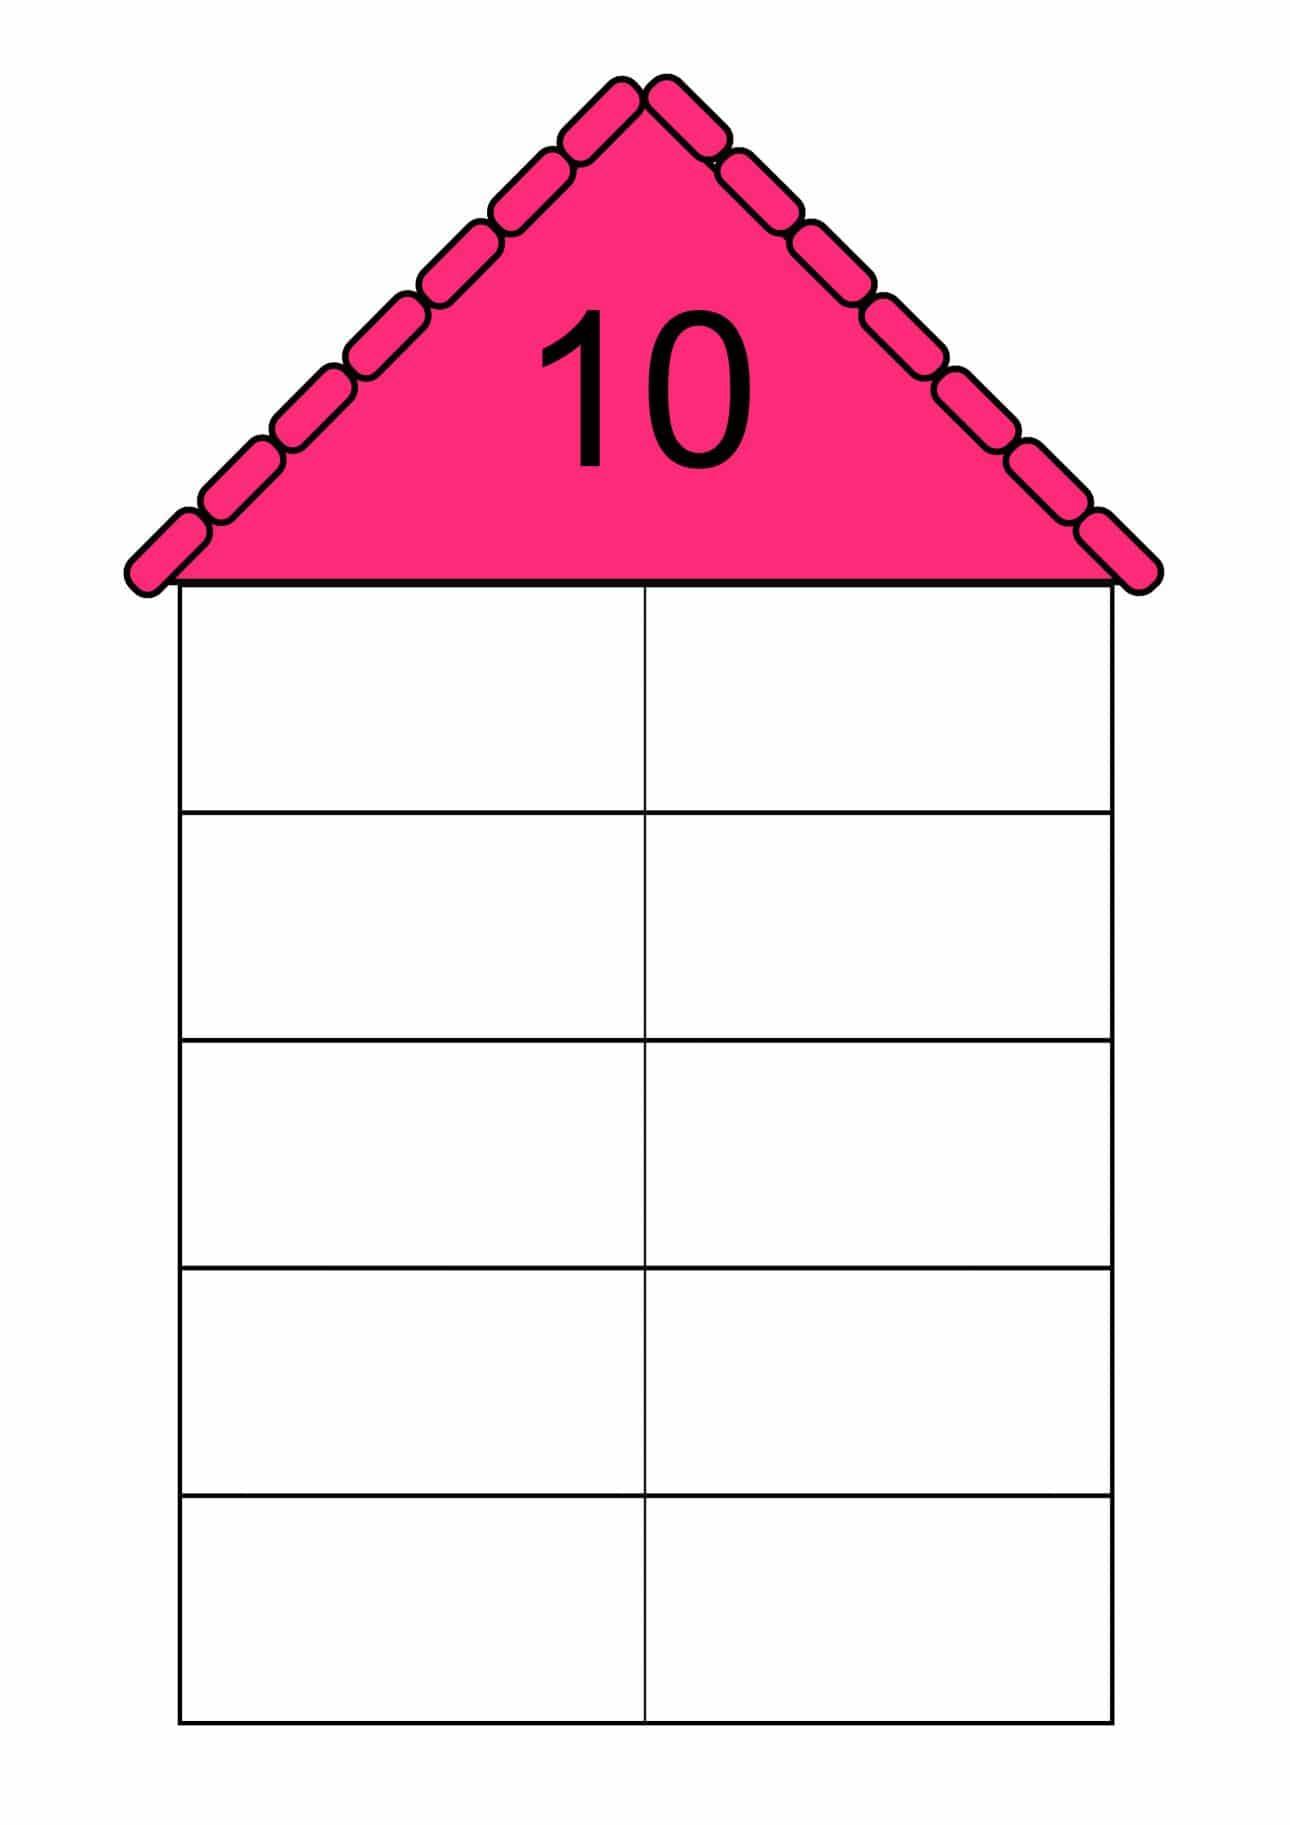 Décomposition Du Nombre 10 - Jeu, Mathématiques Grande à Jeux Maternelle Grande Section En Ligne